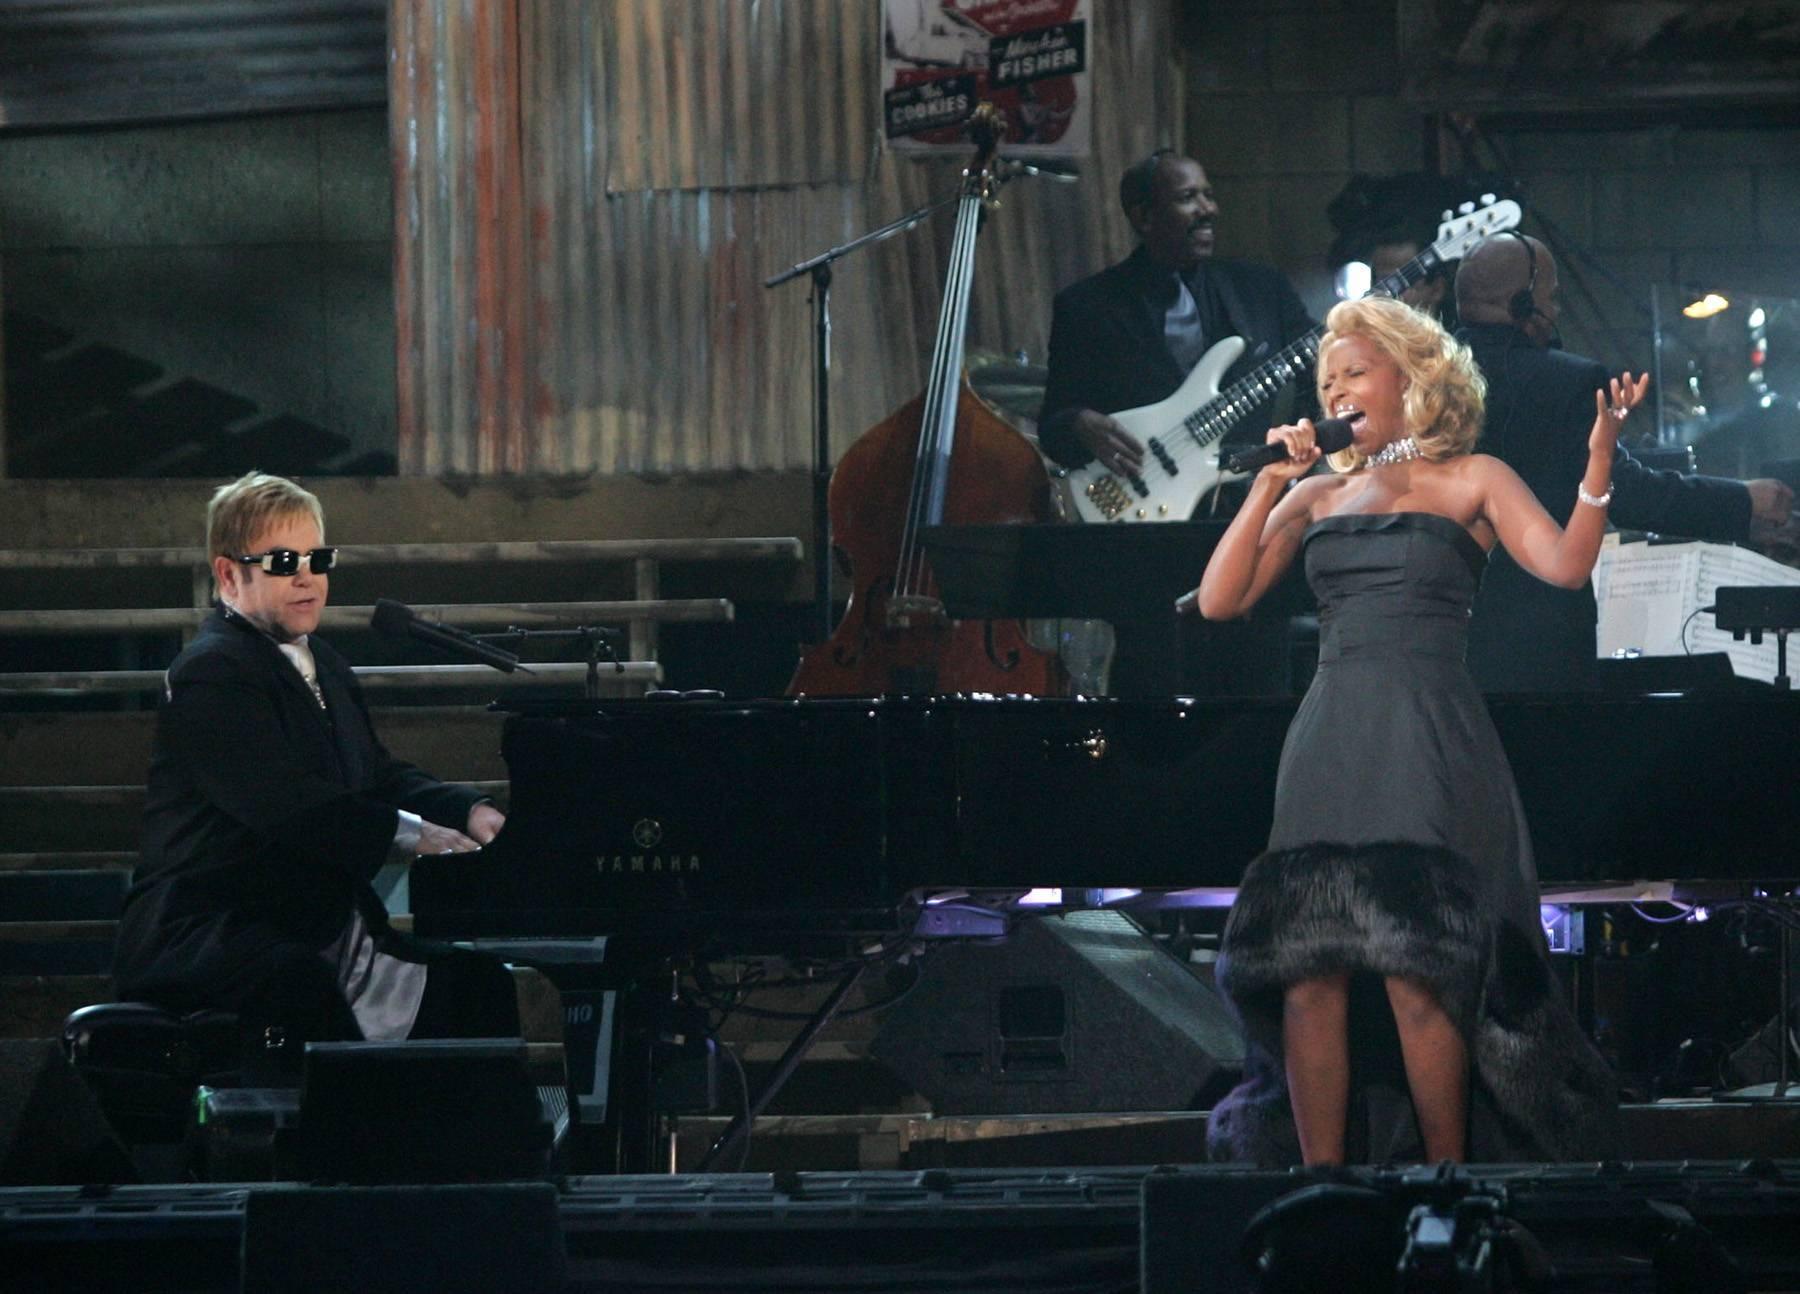 Mary J. Blige and Elton John - Mary J. Blige really showed her versatilty by holding her own alongside Elton John.  (Photo: Frank Micelotta/Getty Images)